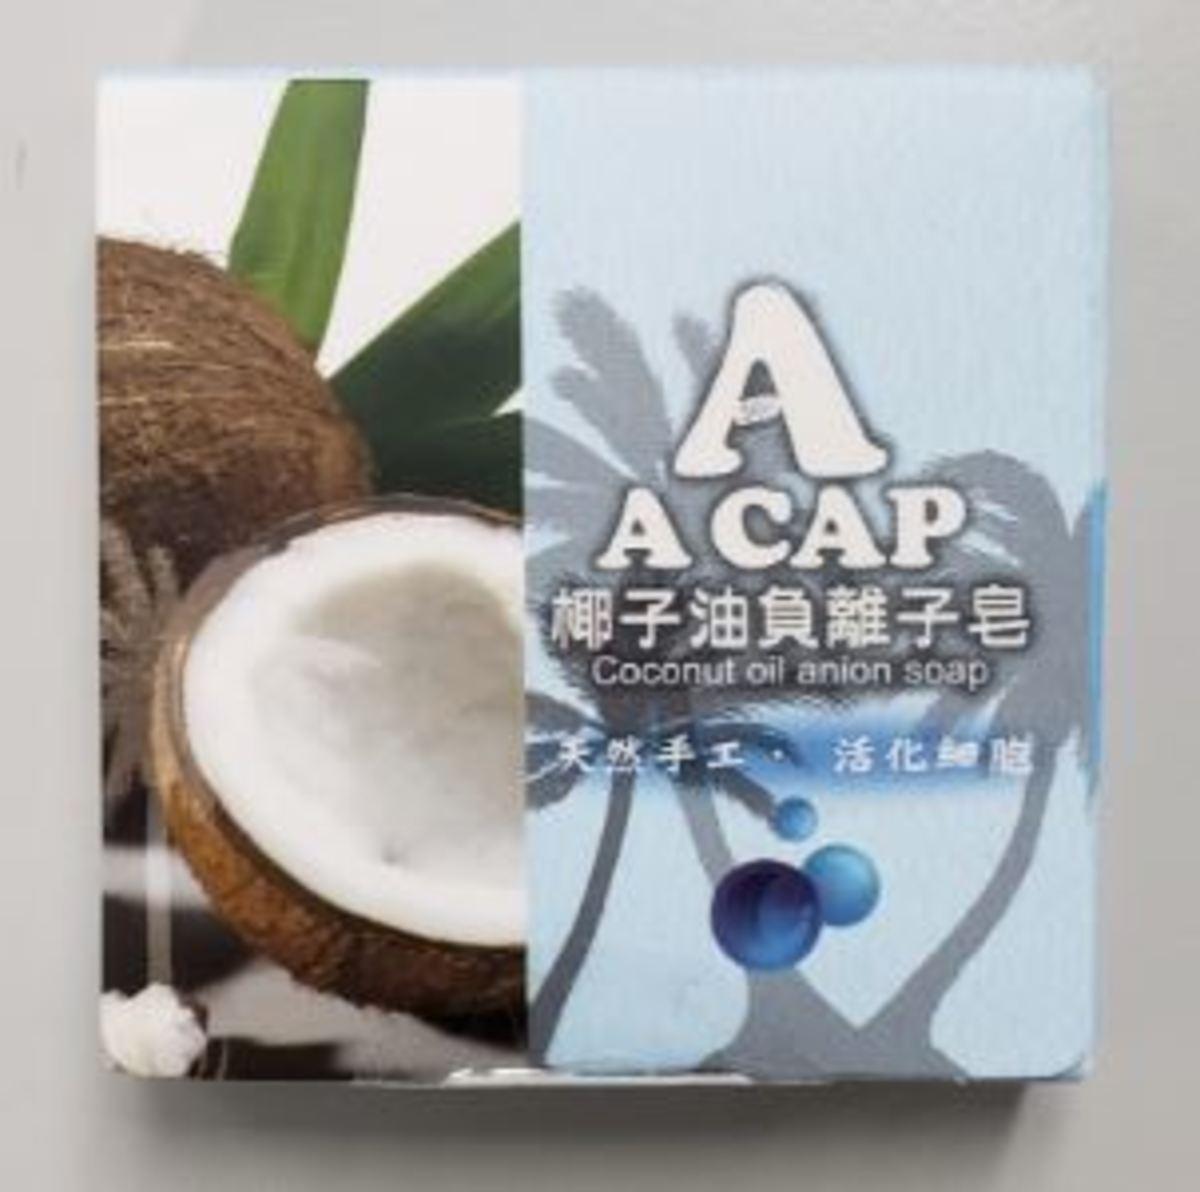 Coconut Oil anion soap, 25g